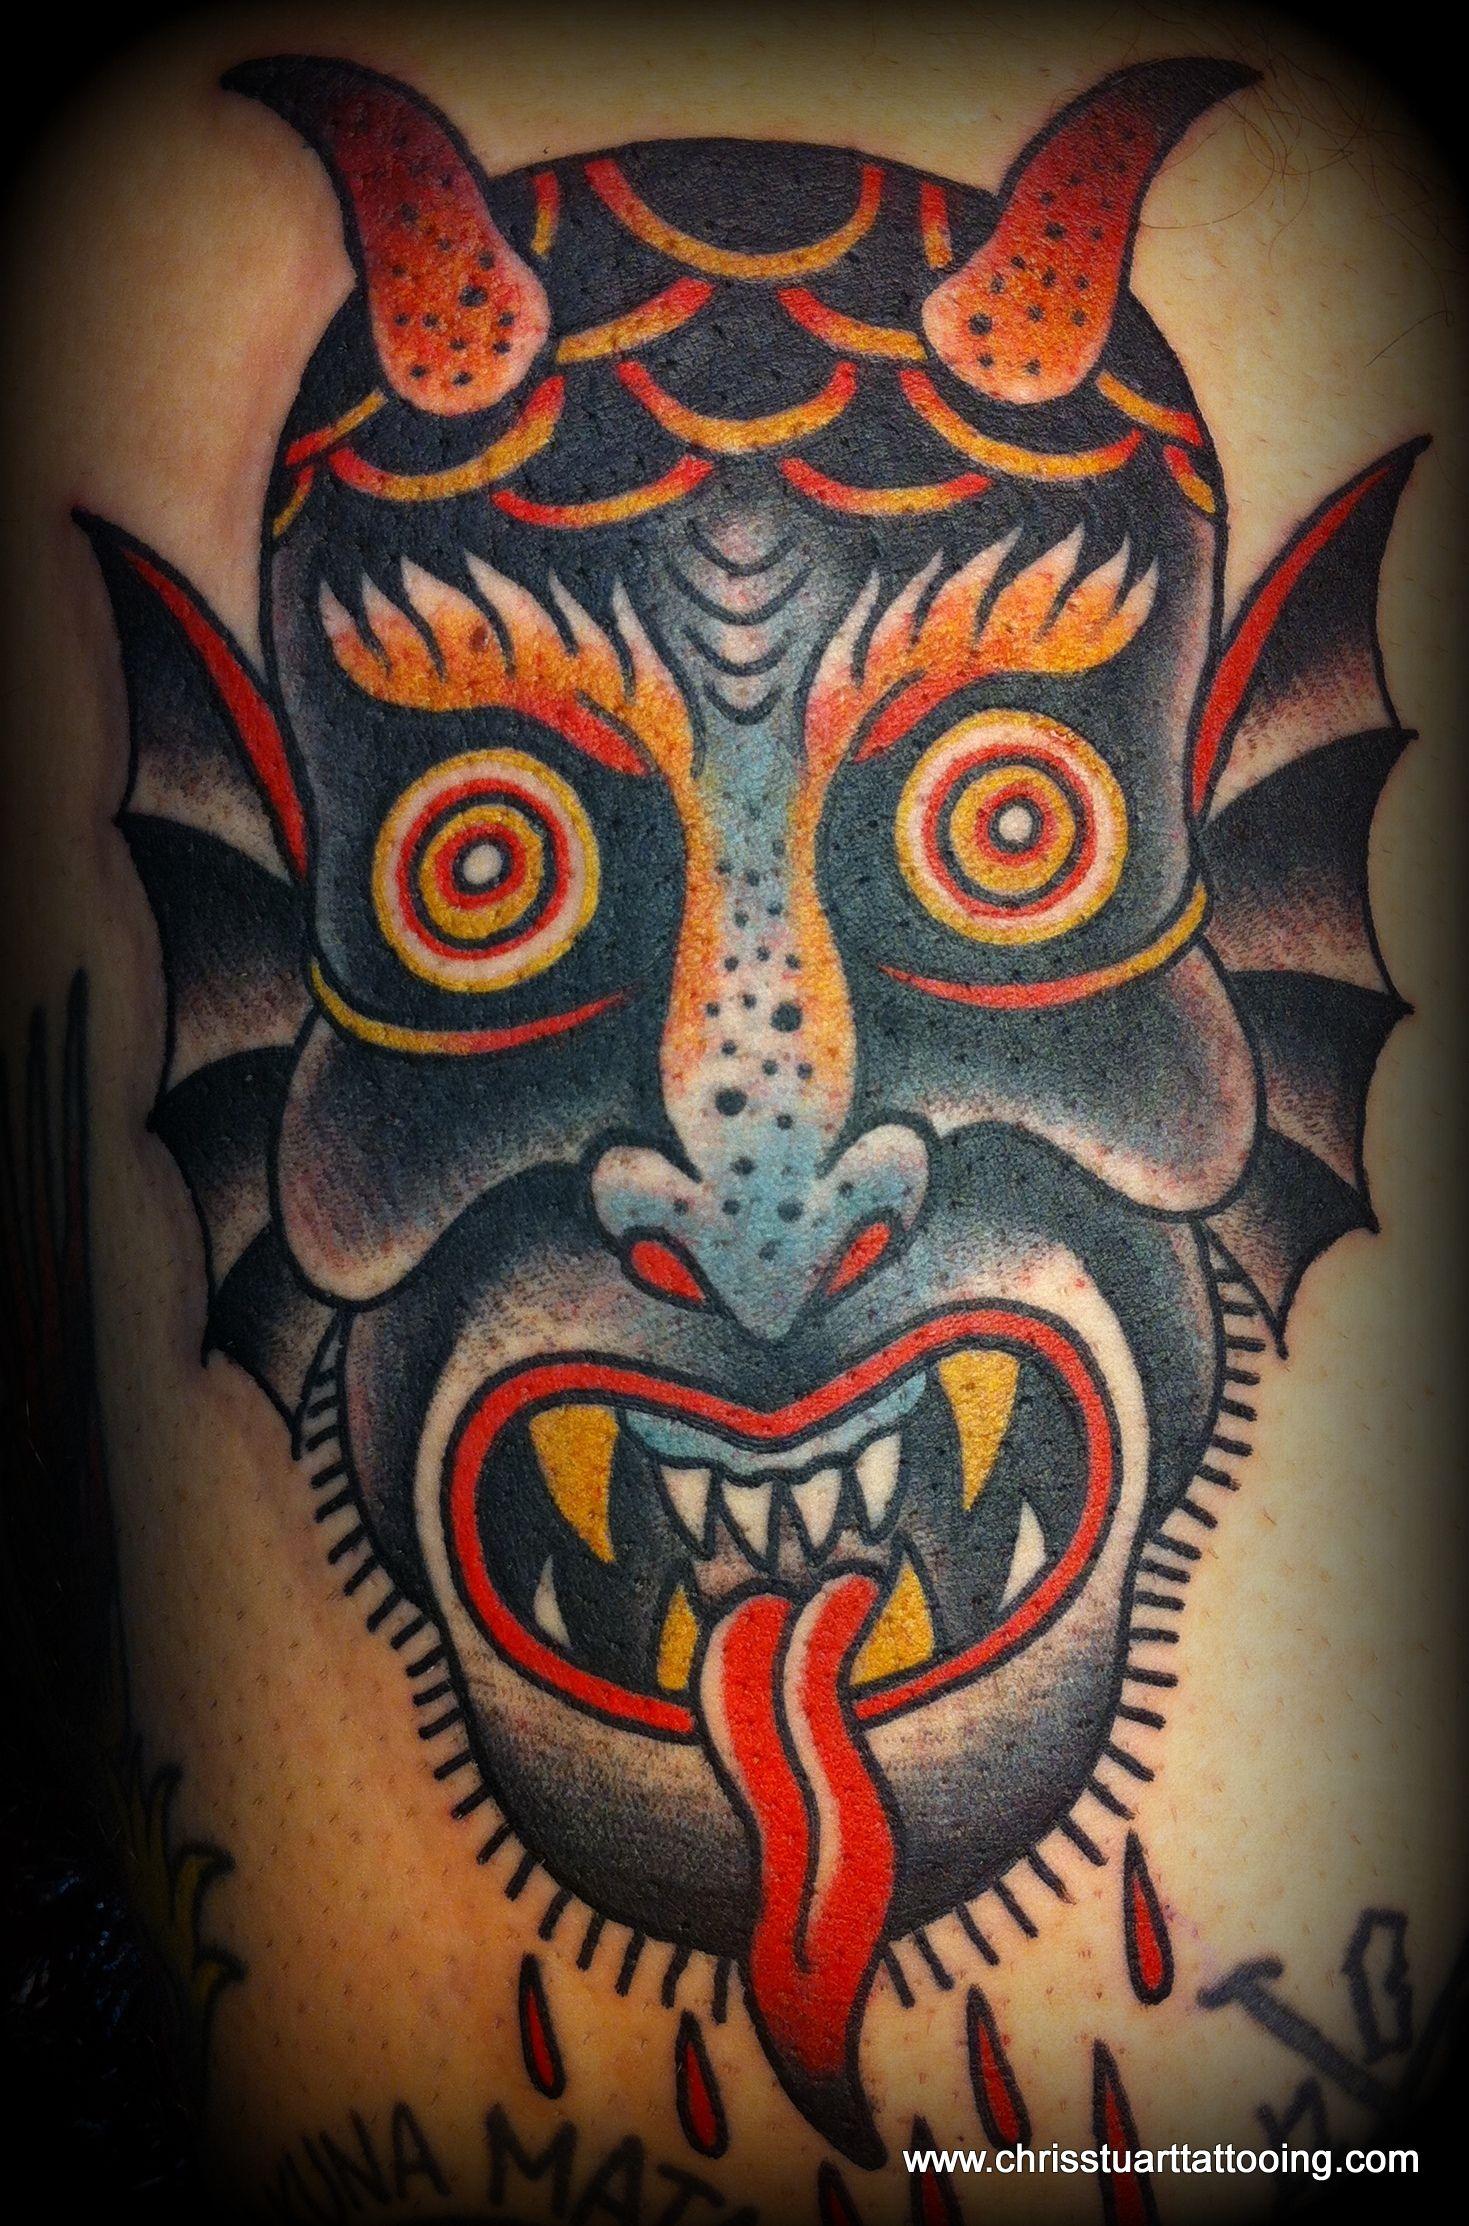 Chris Stuart Head Tattoos Ace Tattoo Classic Tattoo